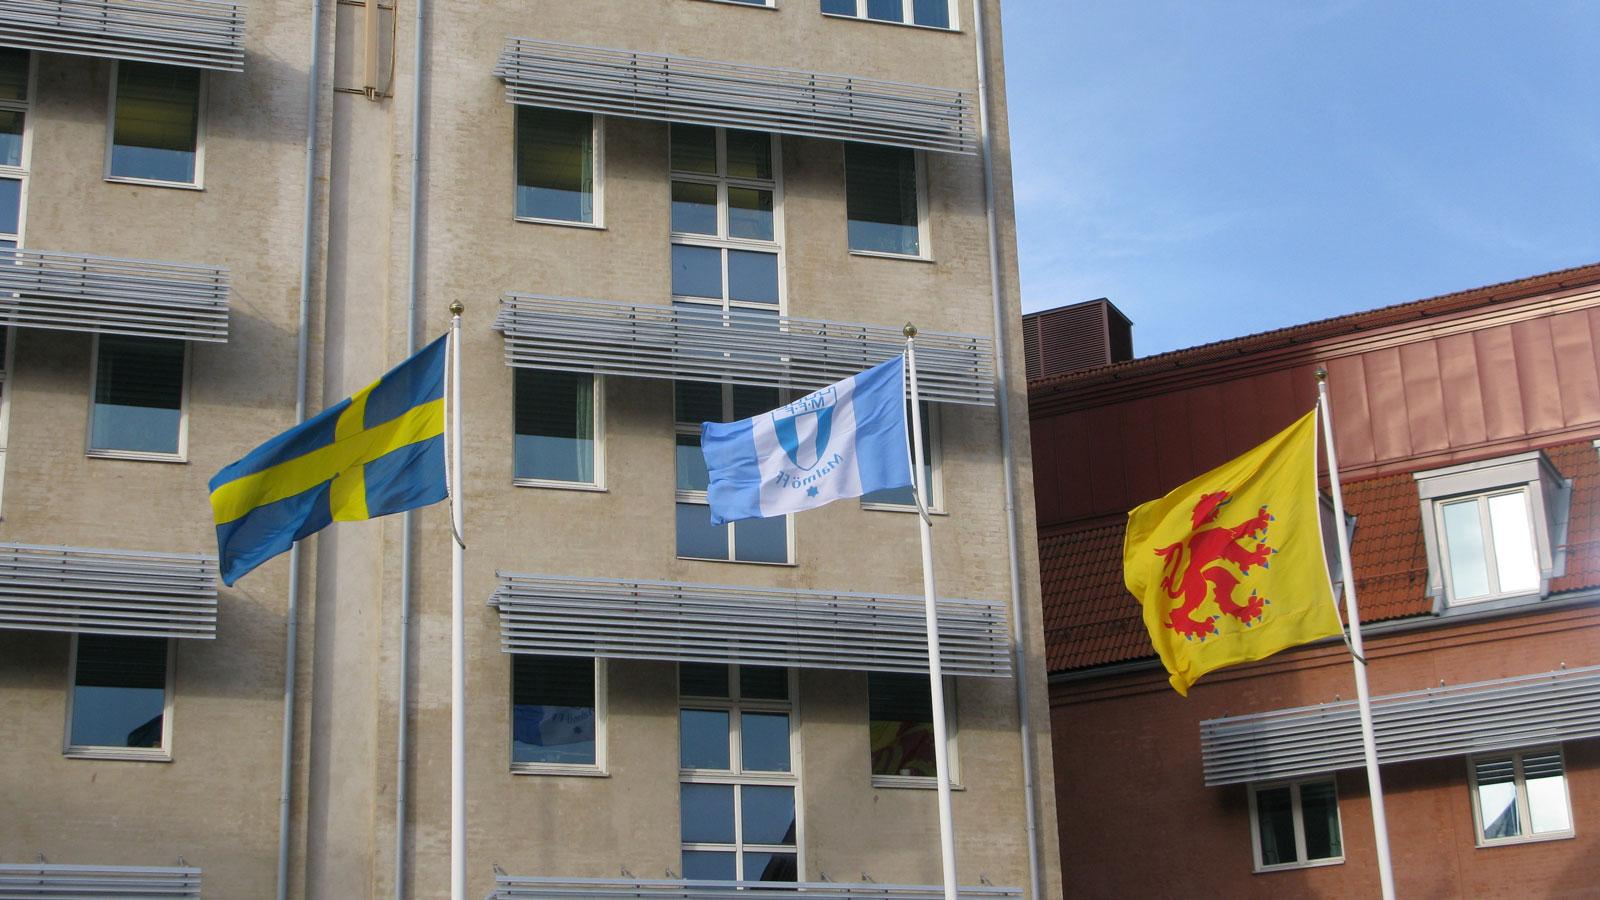 MFF_PSG på Torget i Staffanstorp. Foto: Ivar Sjögren för StaffanstorpsAktuellt